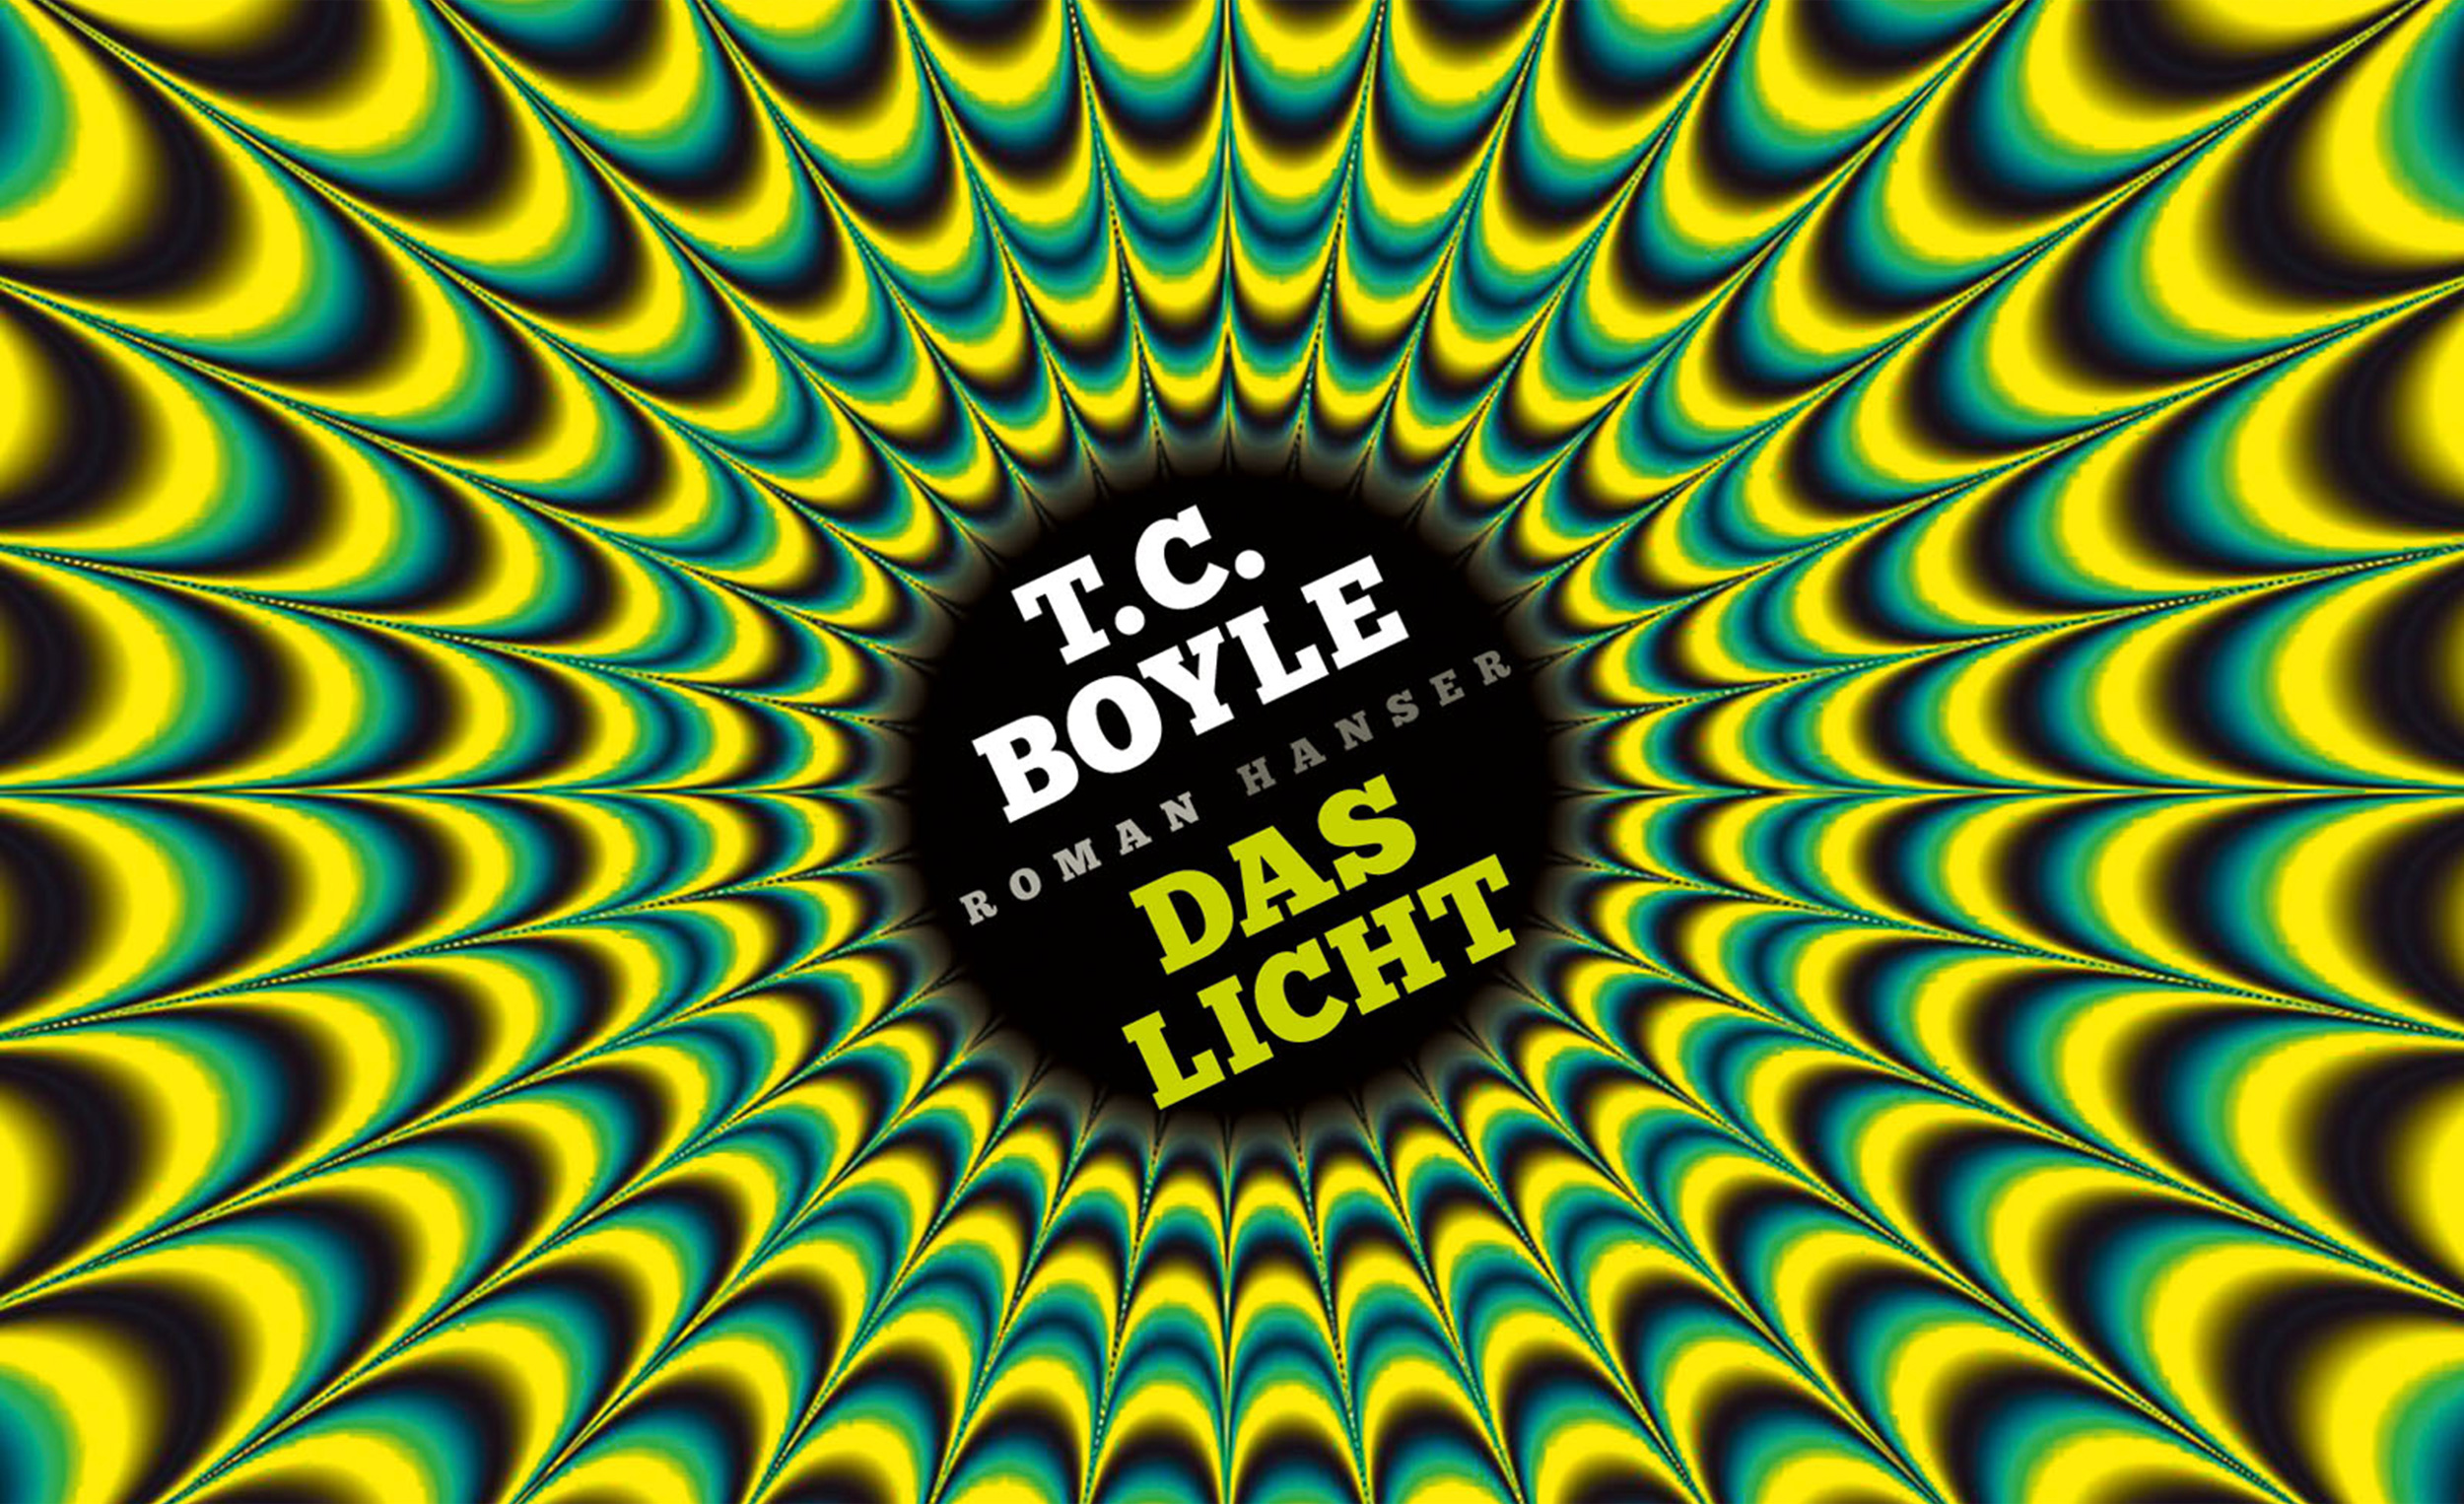 TC-Boyle-Das-Licht-(03)